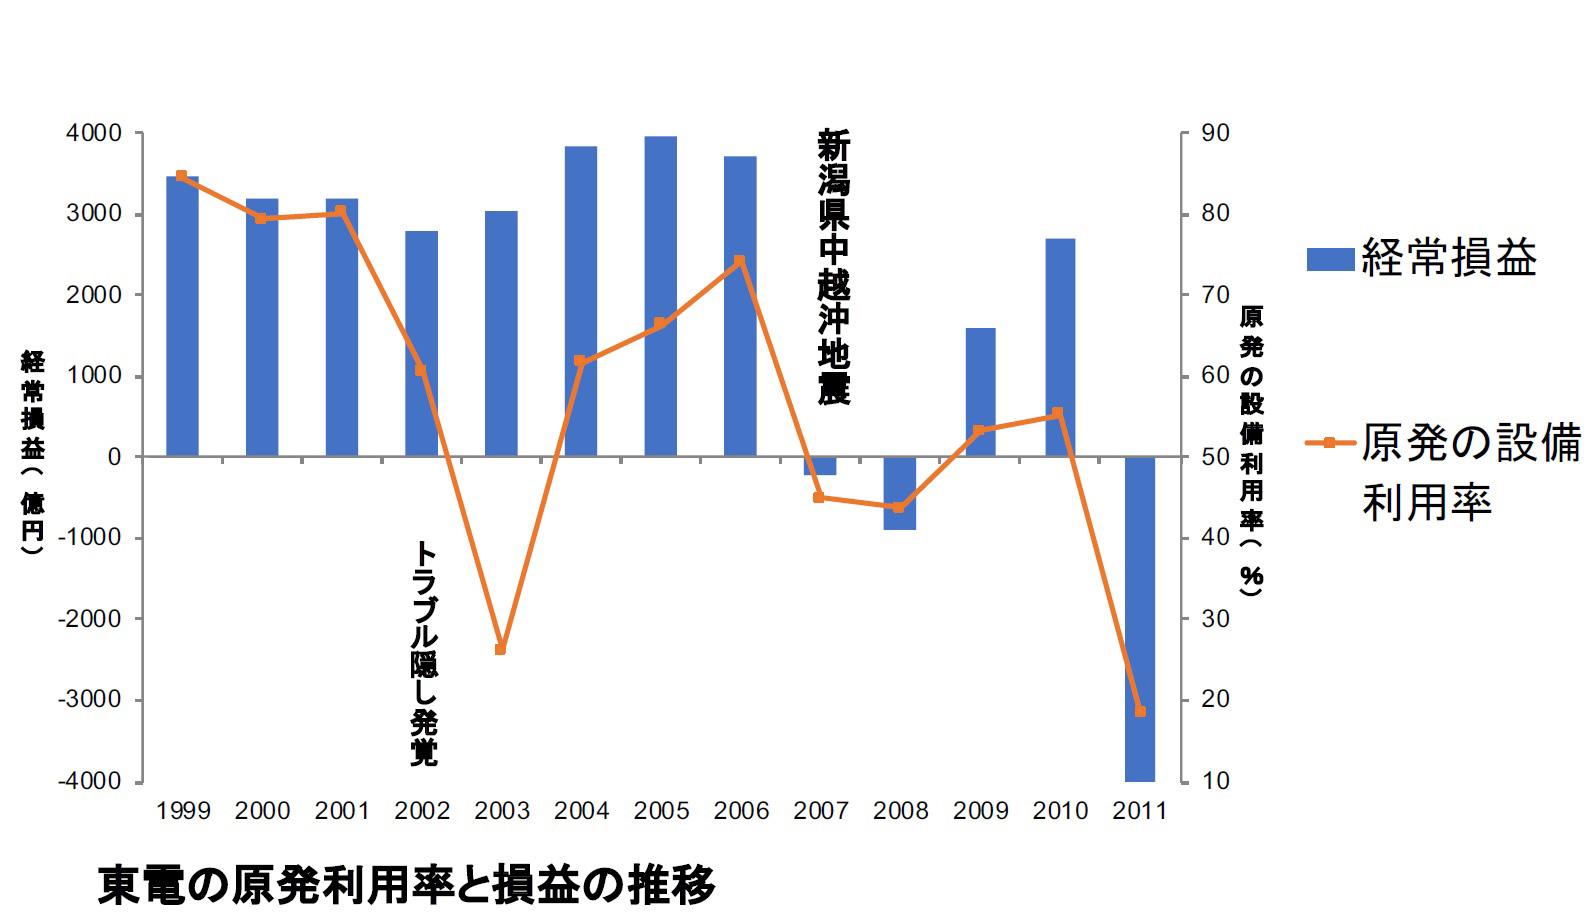 東電の原発利用率と損益の推移